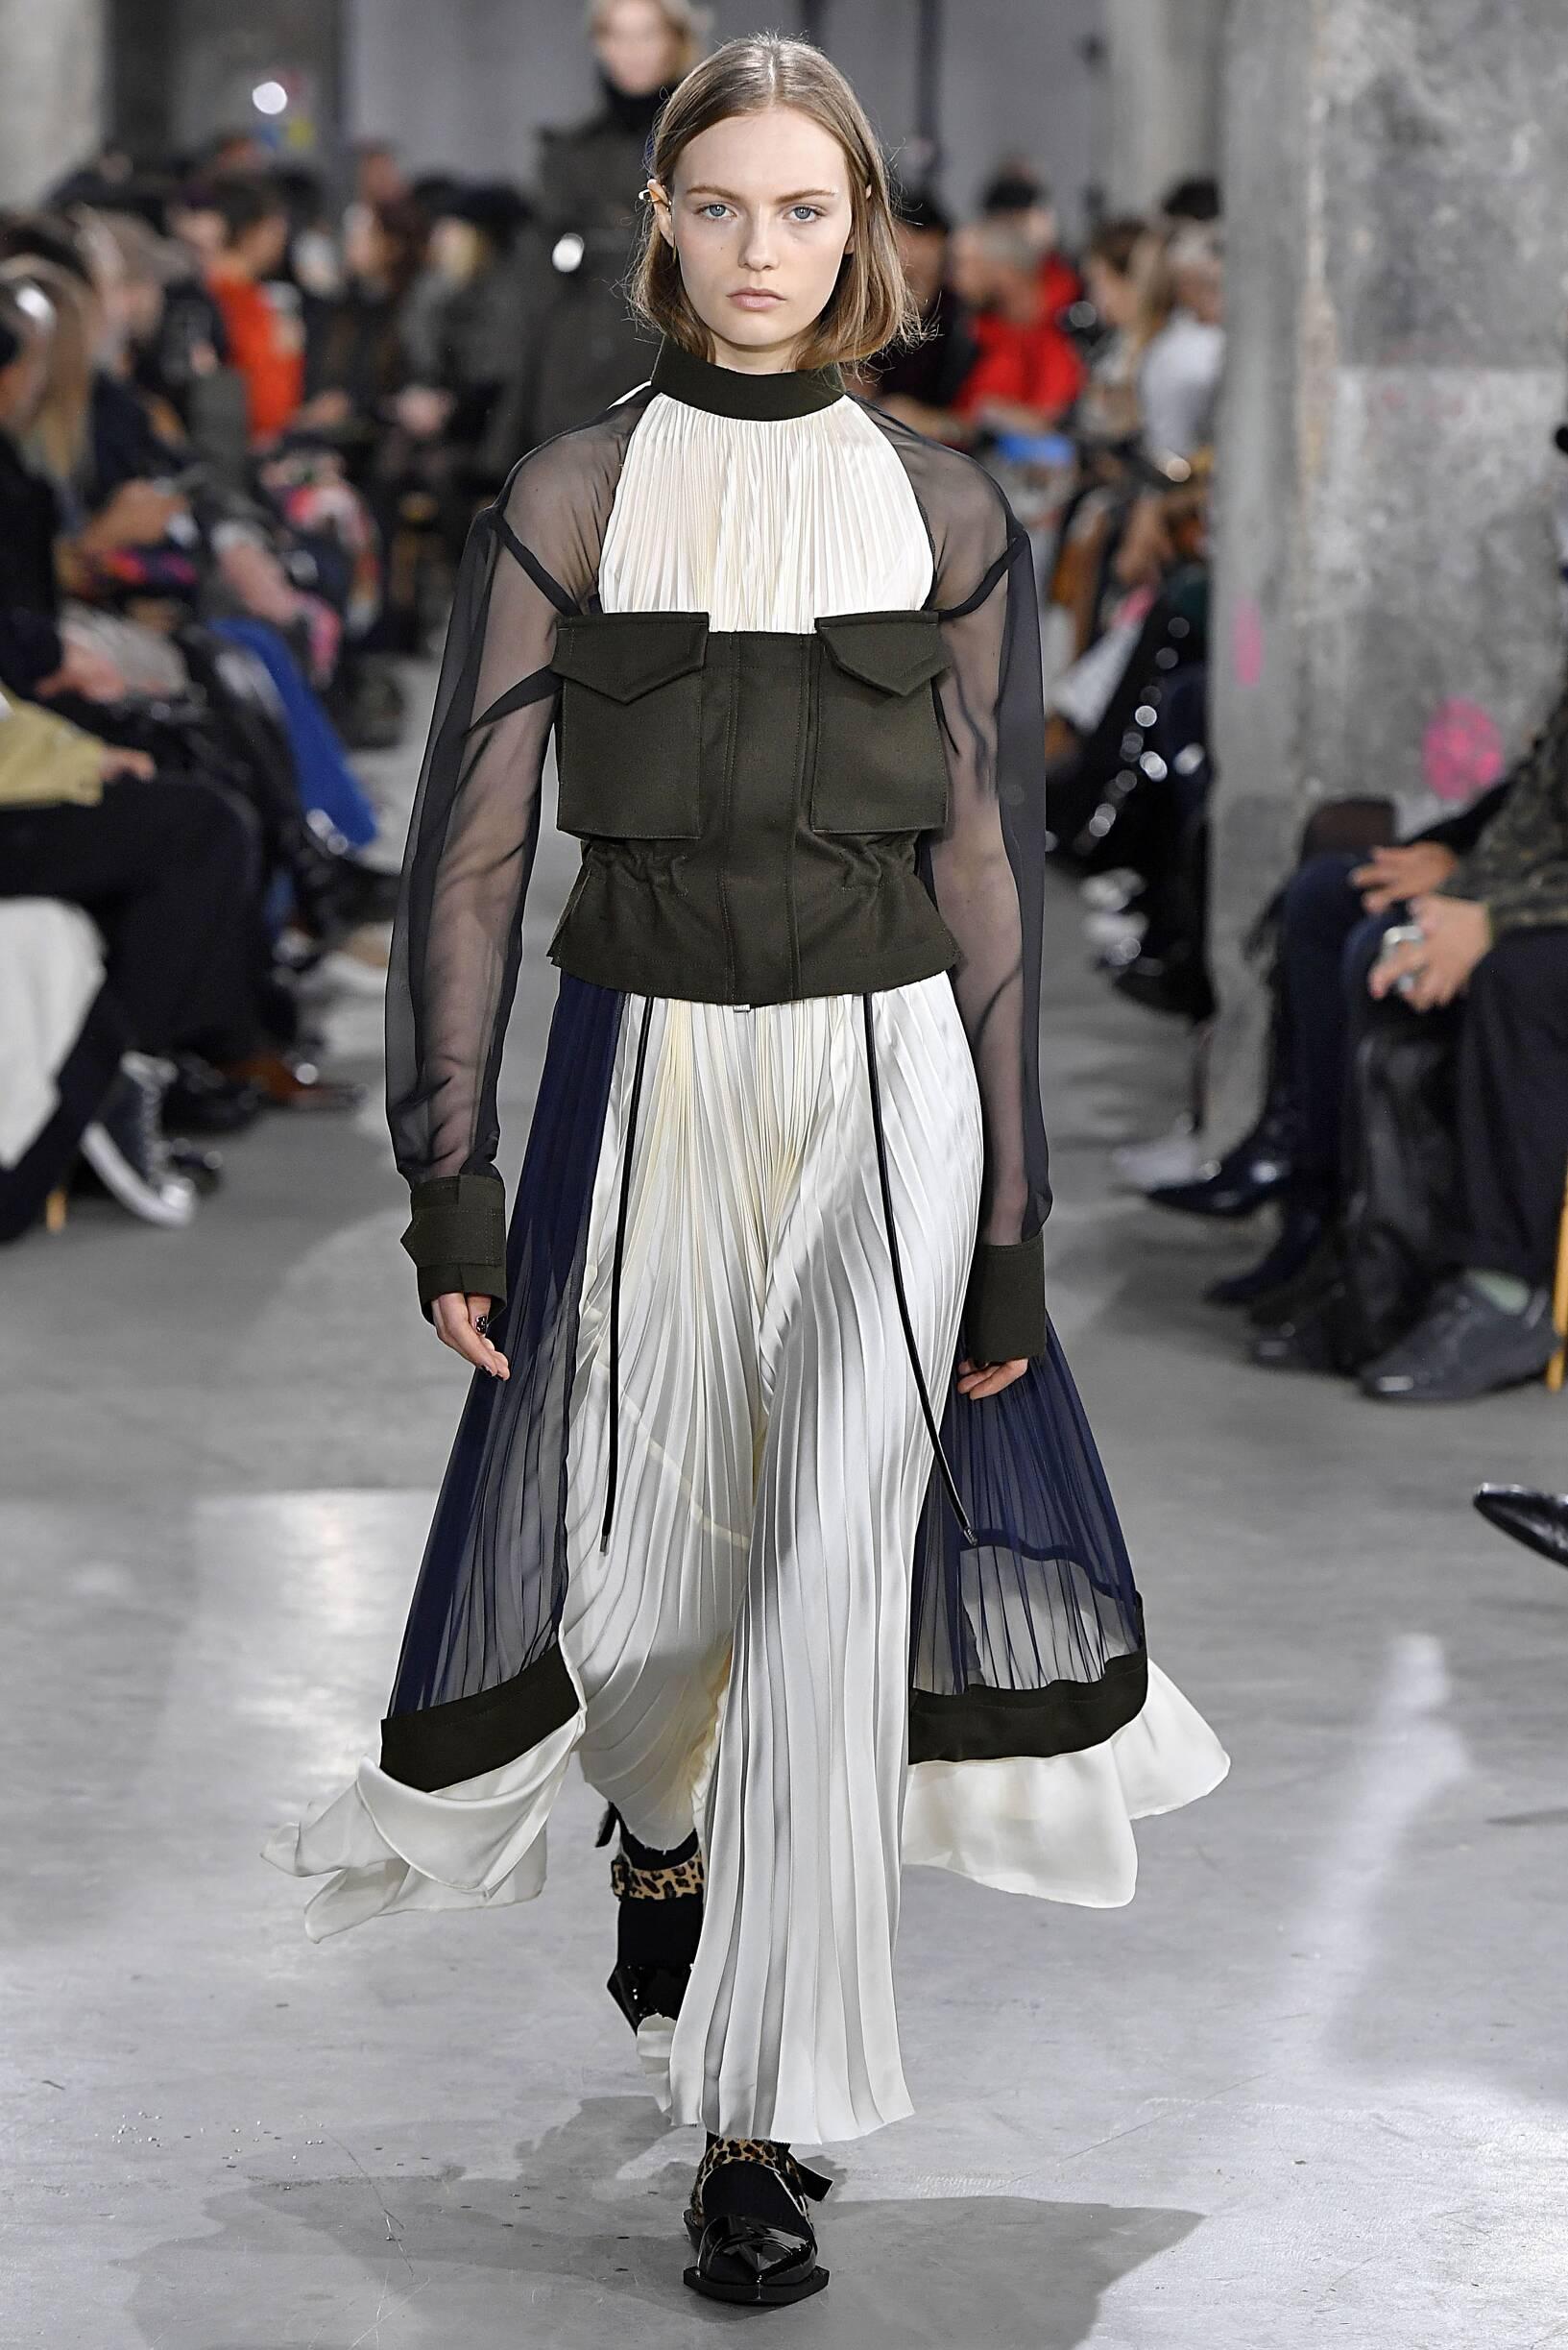 Sacai Womenswear Fashion Show